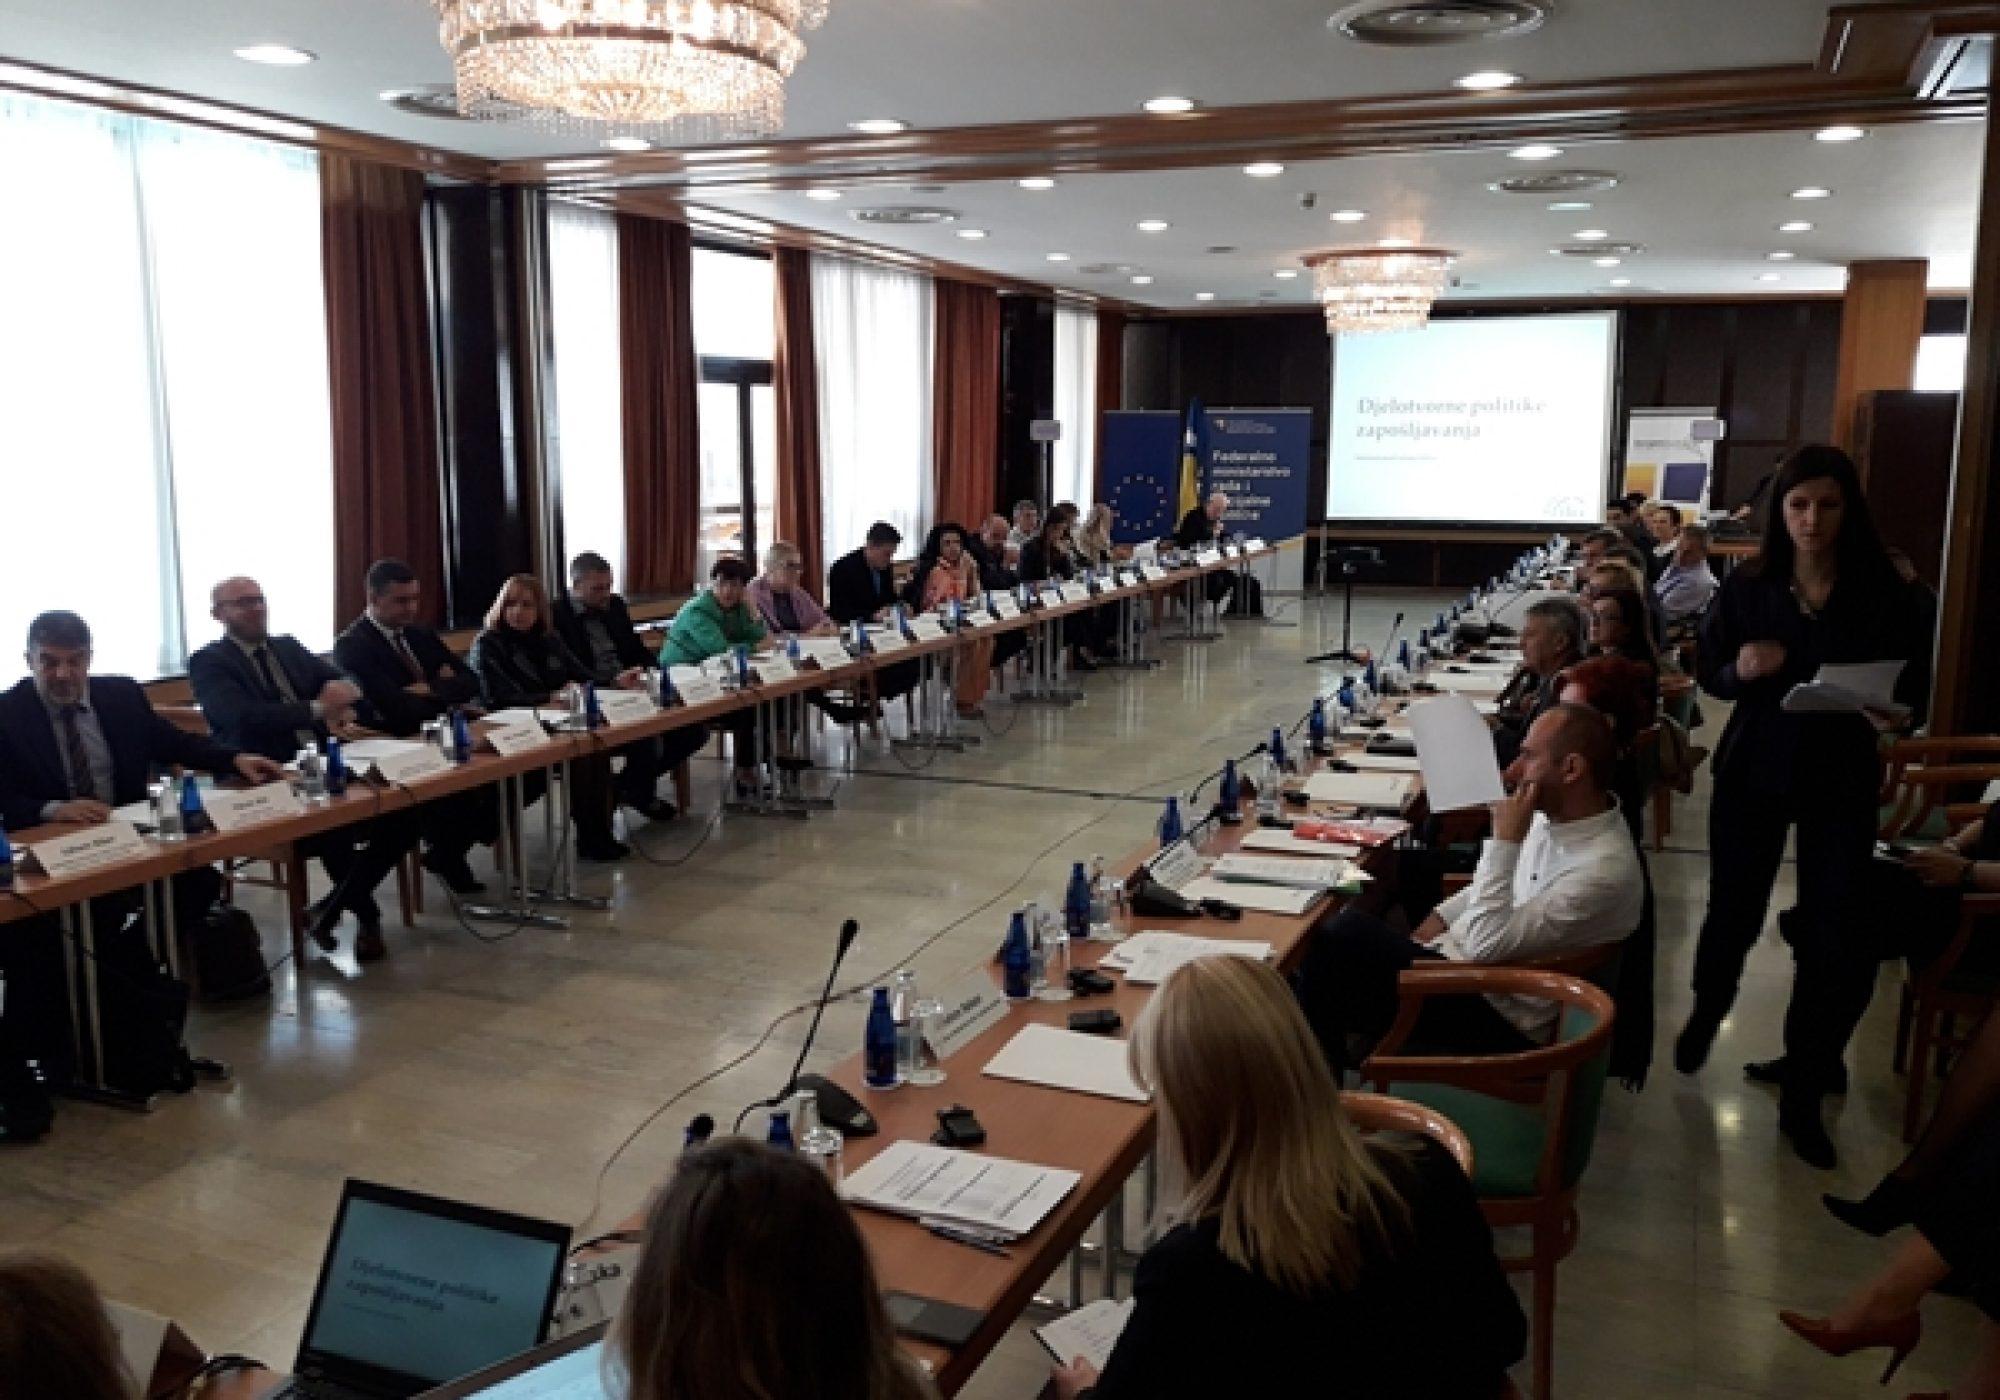 Održan konsultativni sastanak povodom nacrta strategije zapošljavanja u FBiH